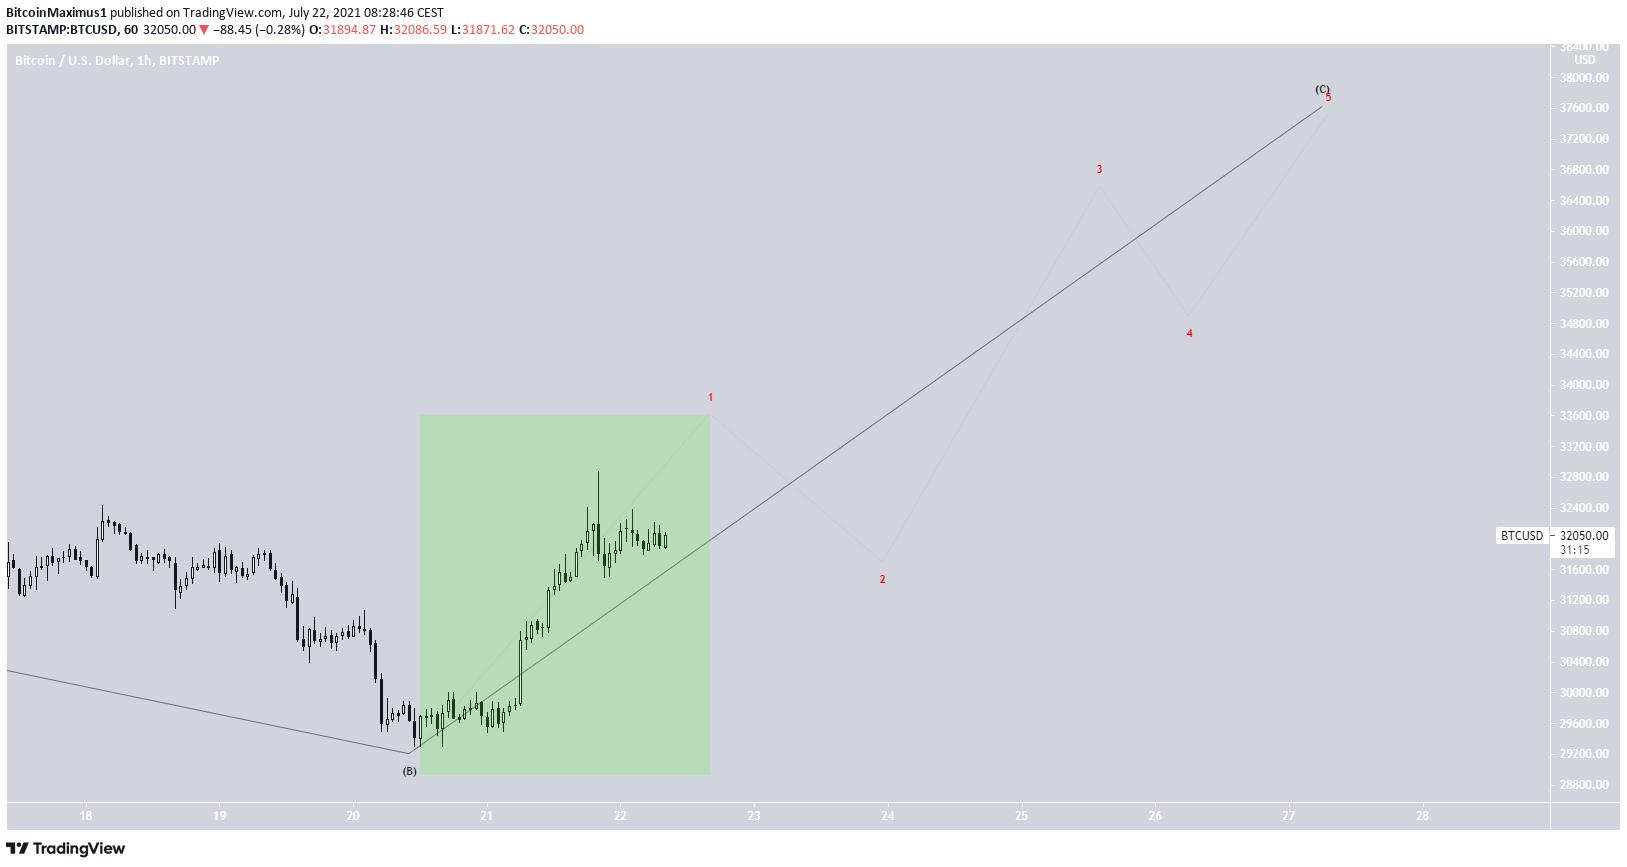 BTC short-term